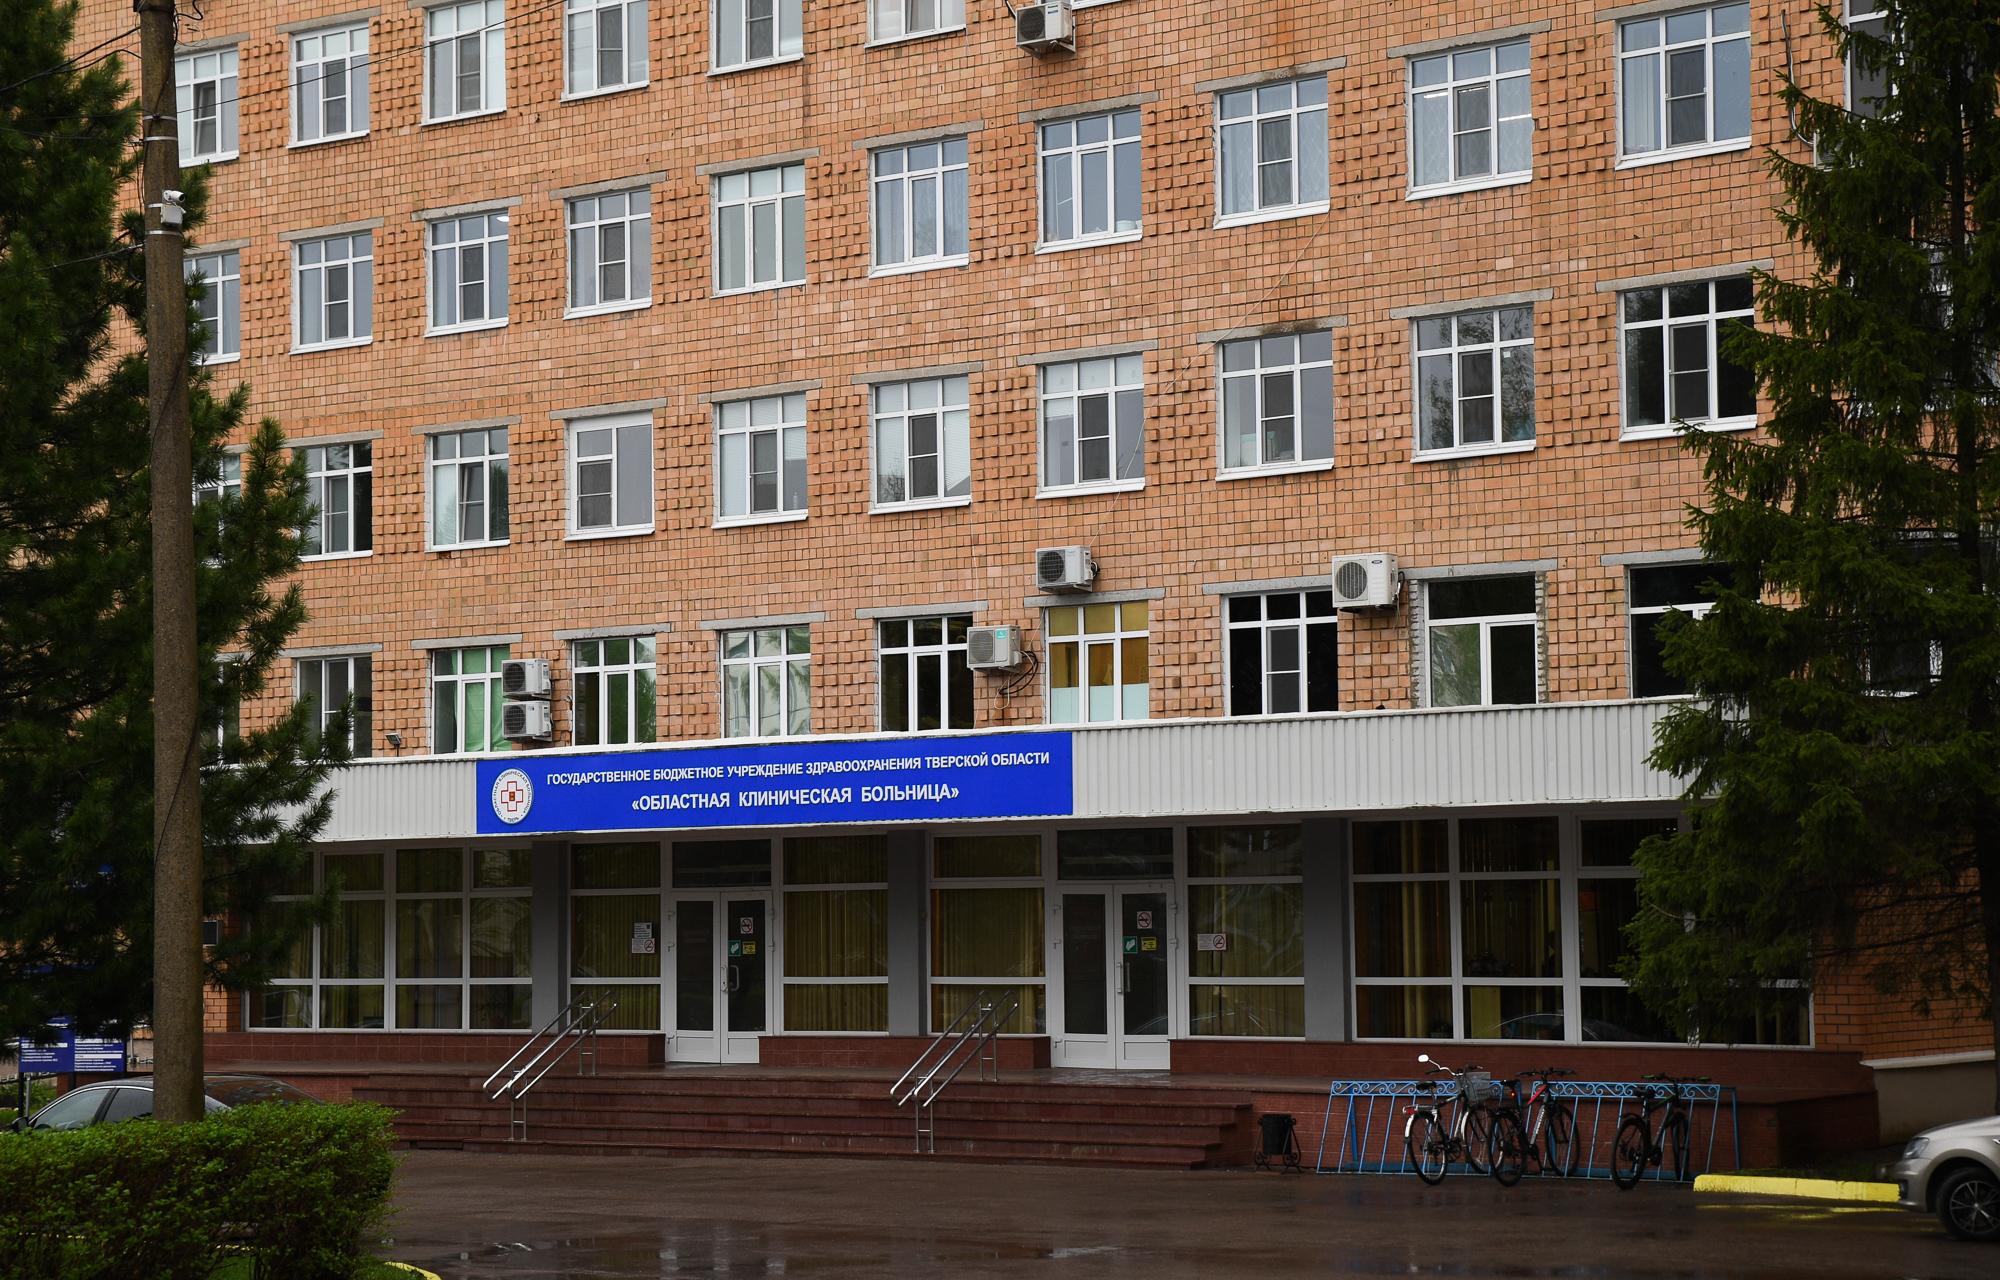 Врачи областной больницы консультируют медиков, оказывающих помощь пациентам с COVID-19